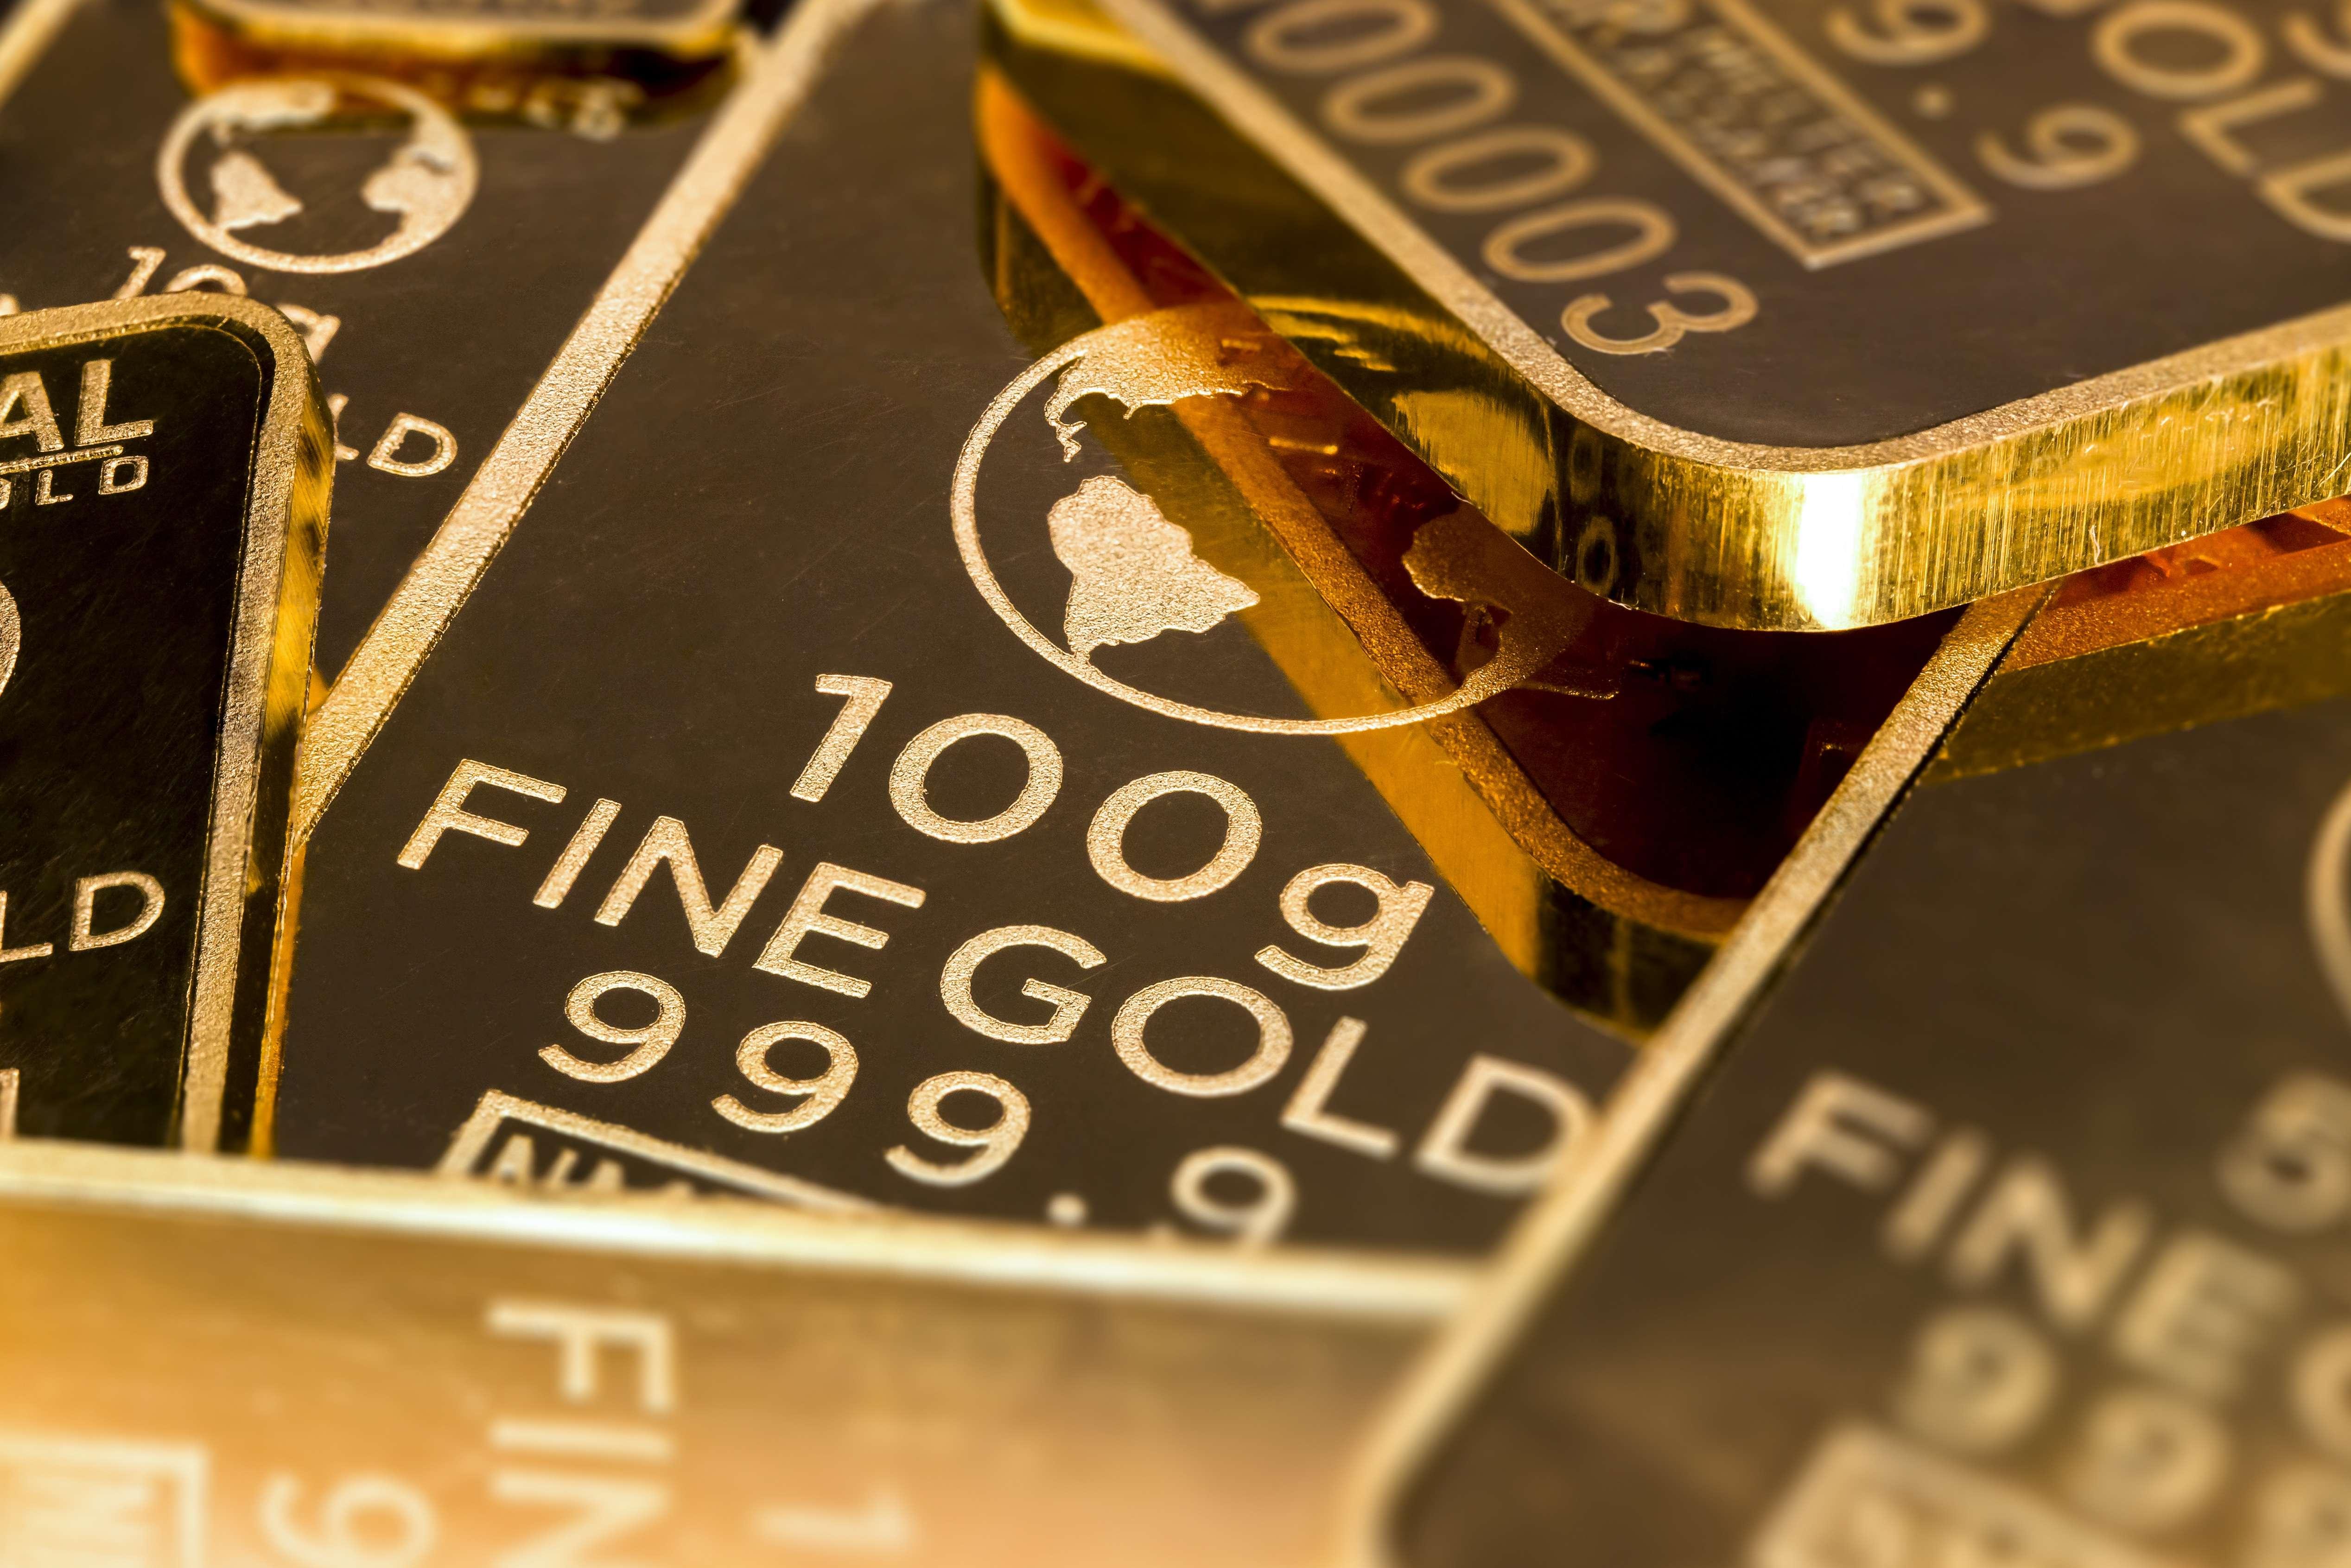 纽约金价30日下跌 跌幅为0.66%